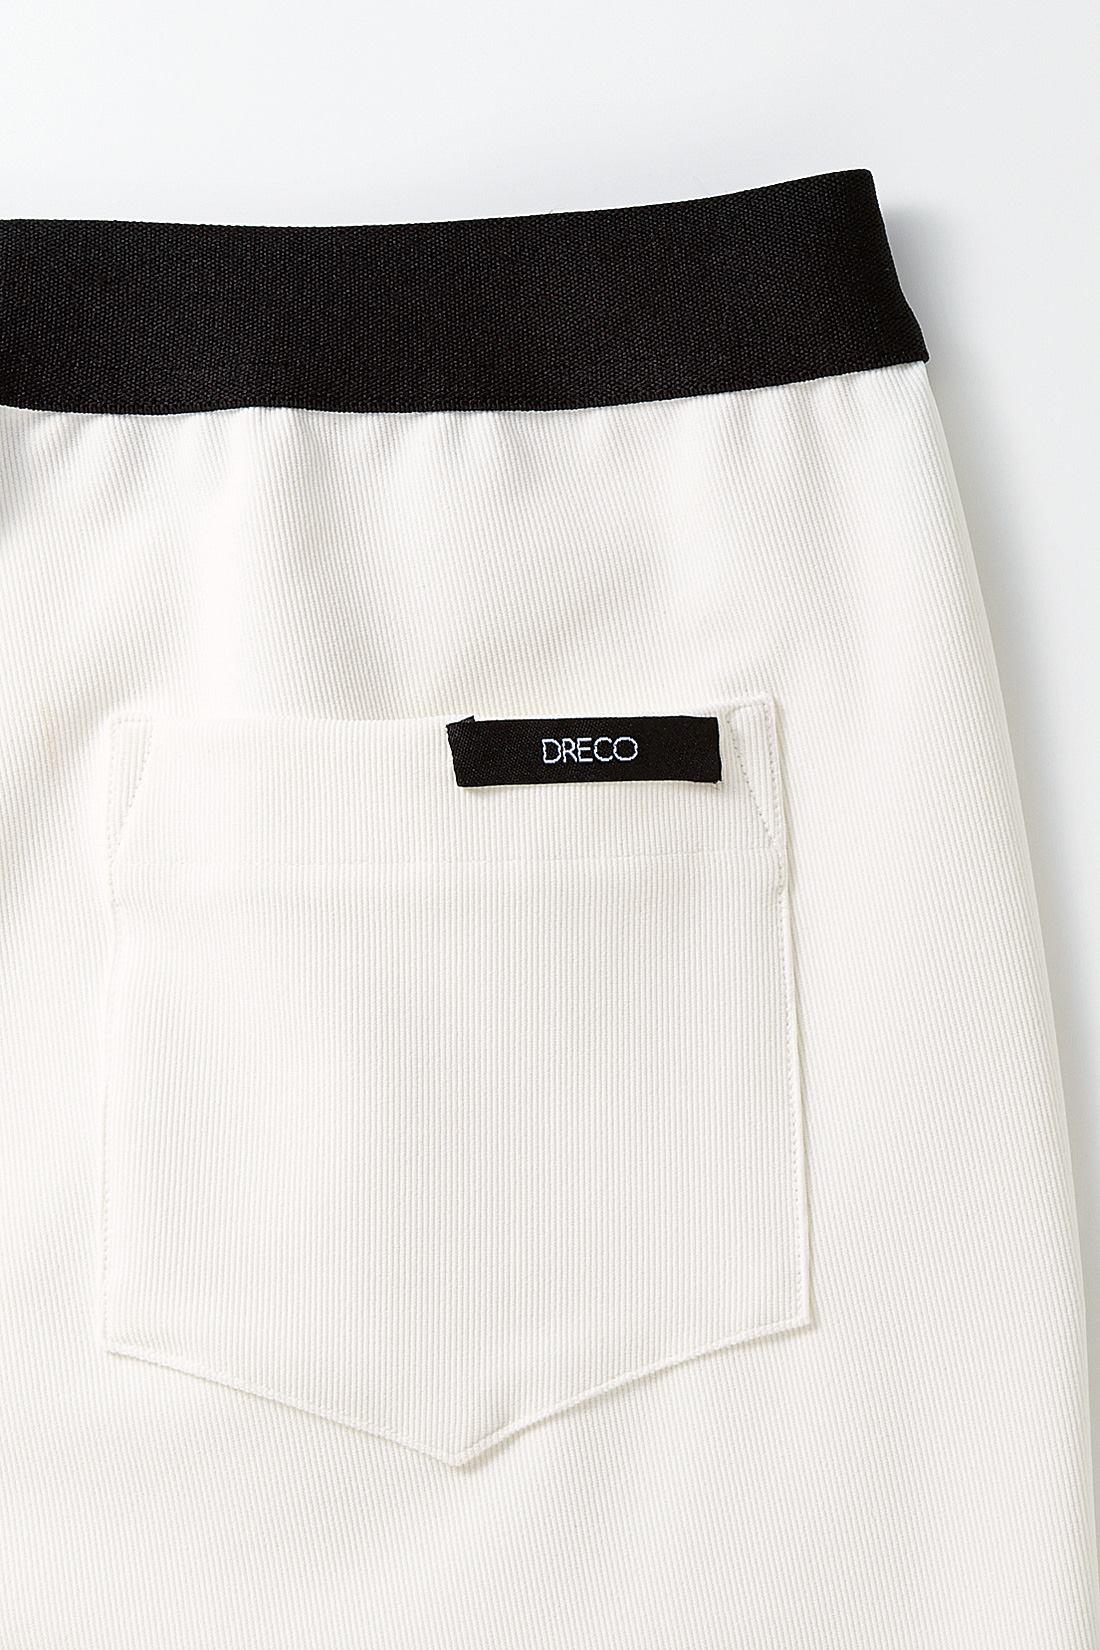 後ろポケットのDRECOのネームタグが本格派っぽさを盛り上げます。 ※お届けするカラーとは異なります